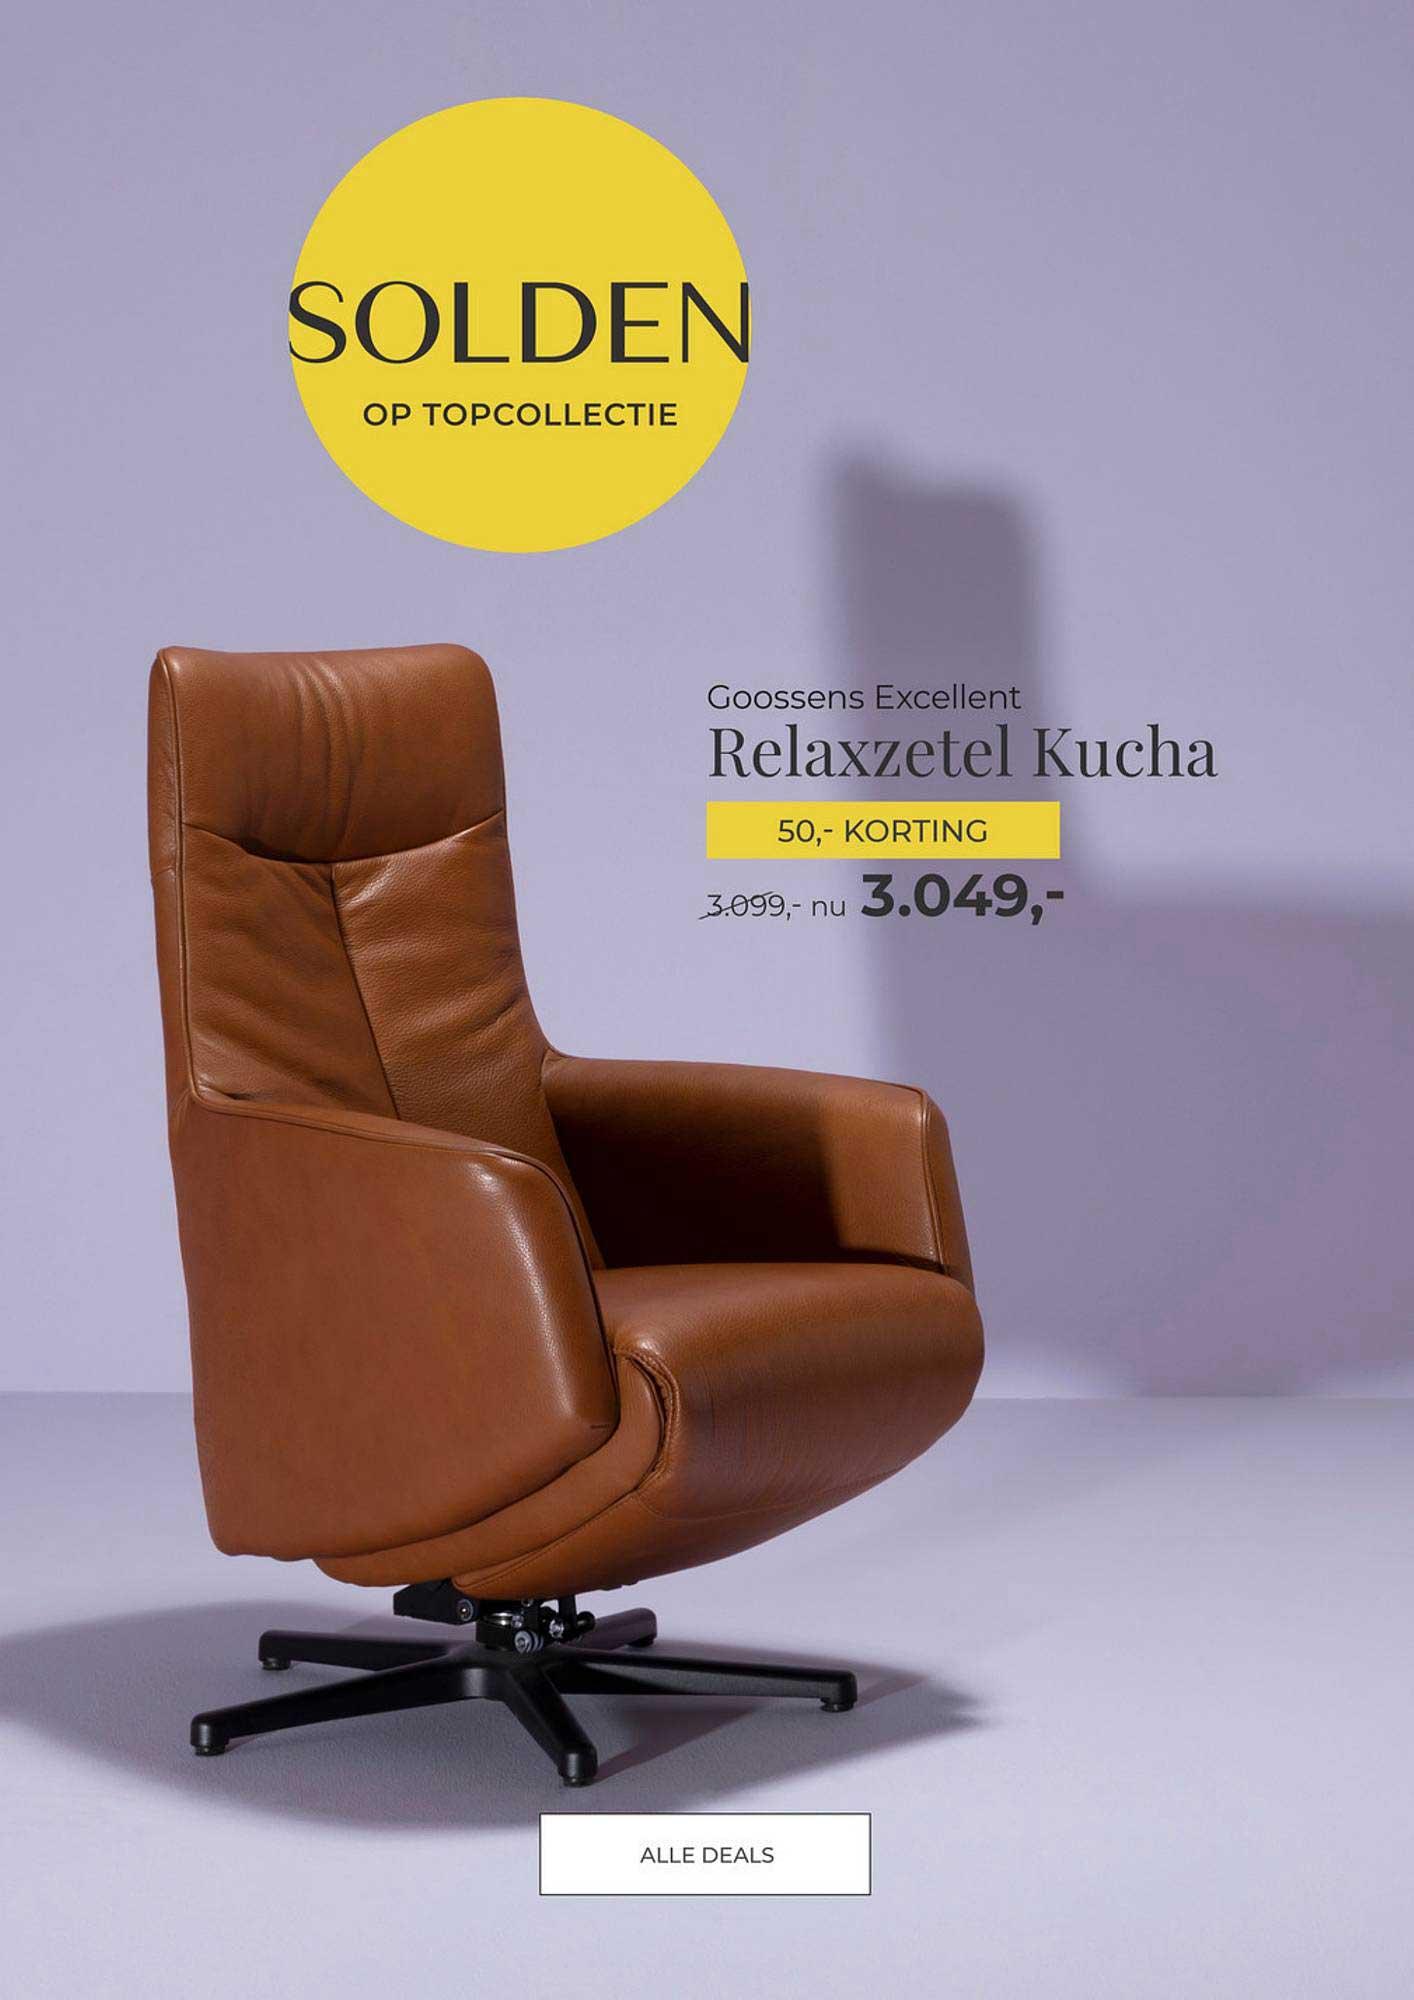 Goossens Goossens Excellent Relaxzetel Kucha